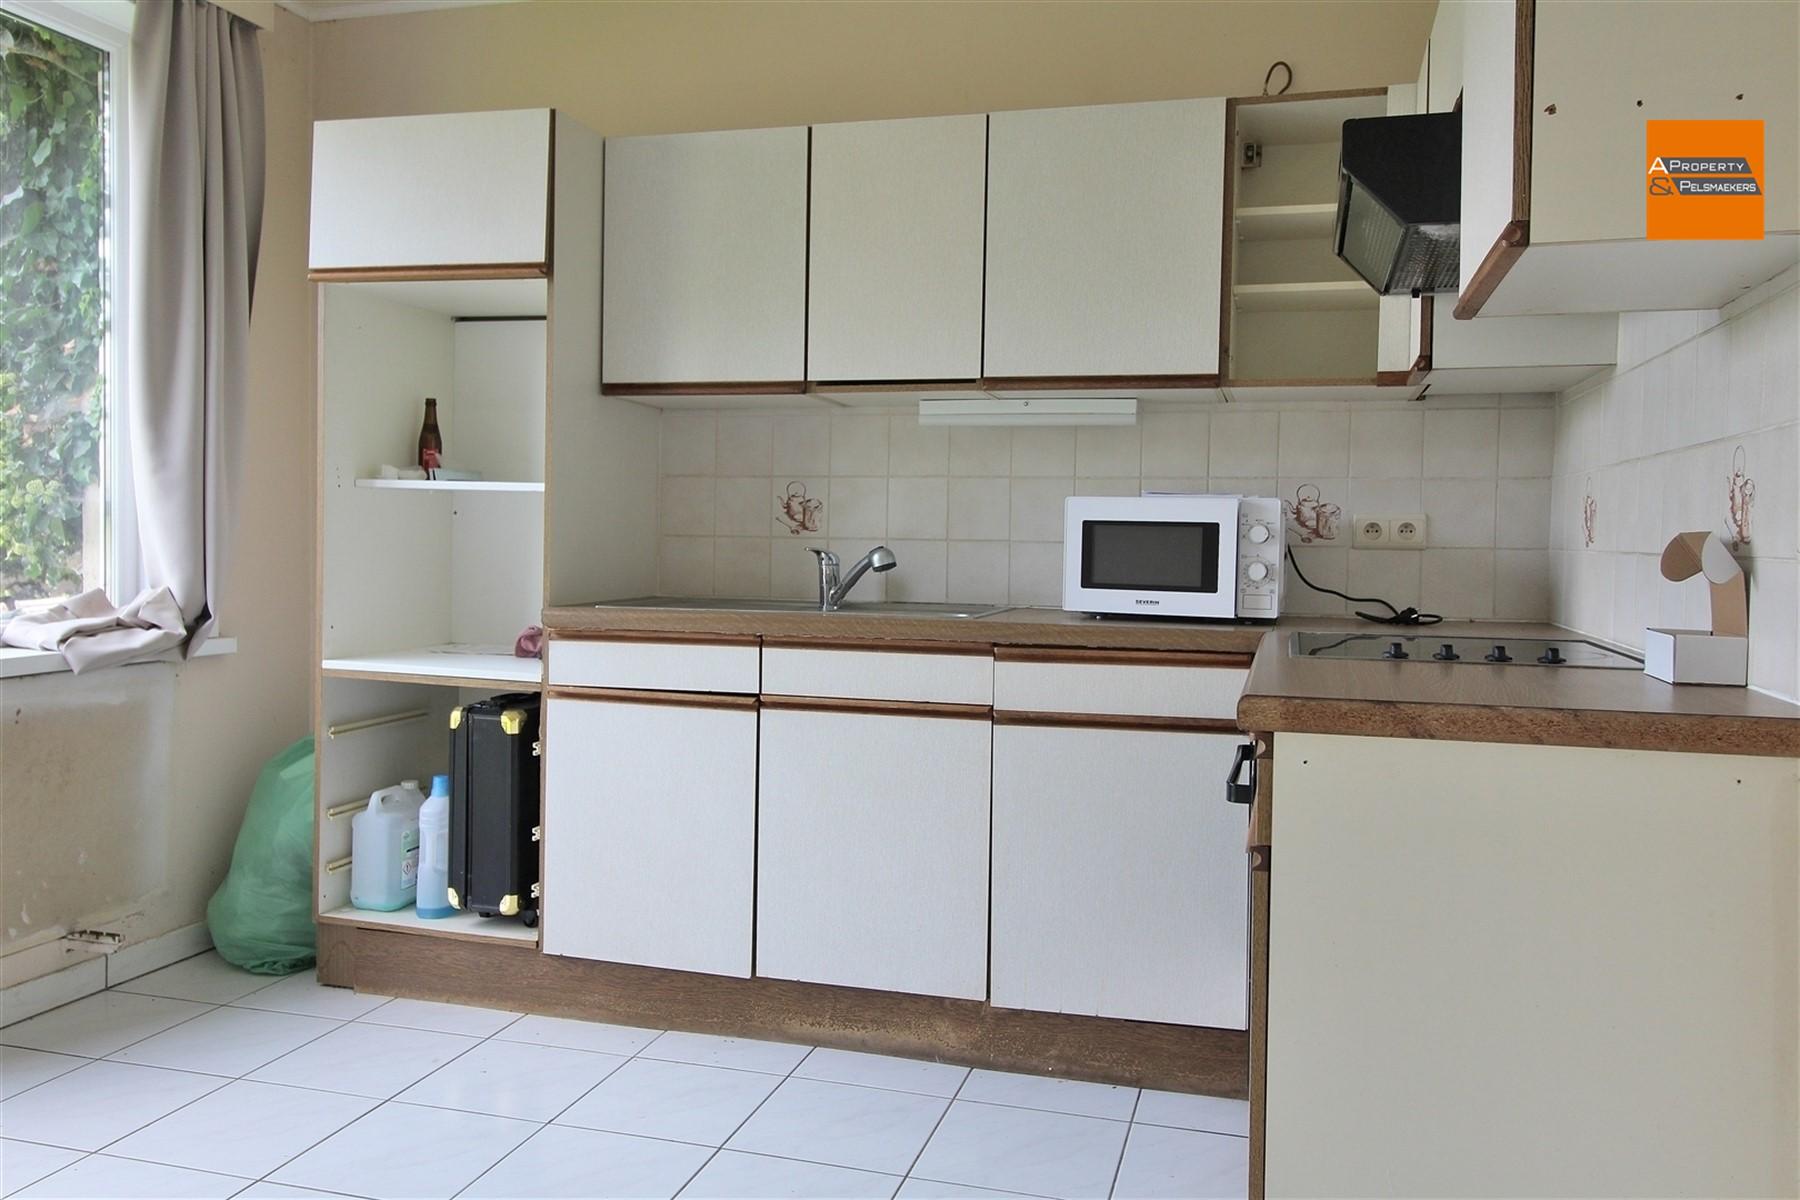 Foto 6 : Appartement in 3071 ERPS-KWERPS (België) - Prijs € 750